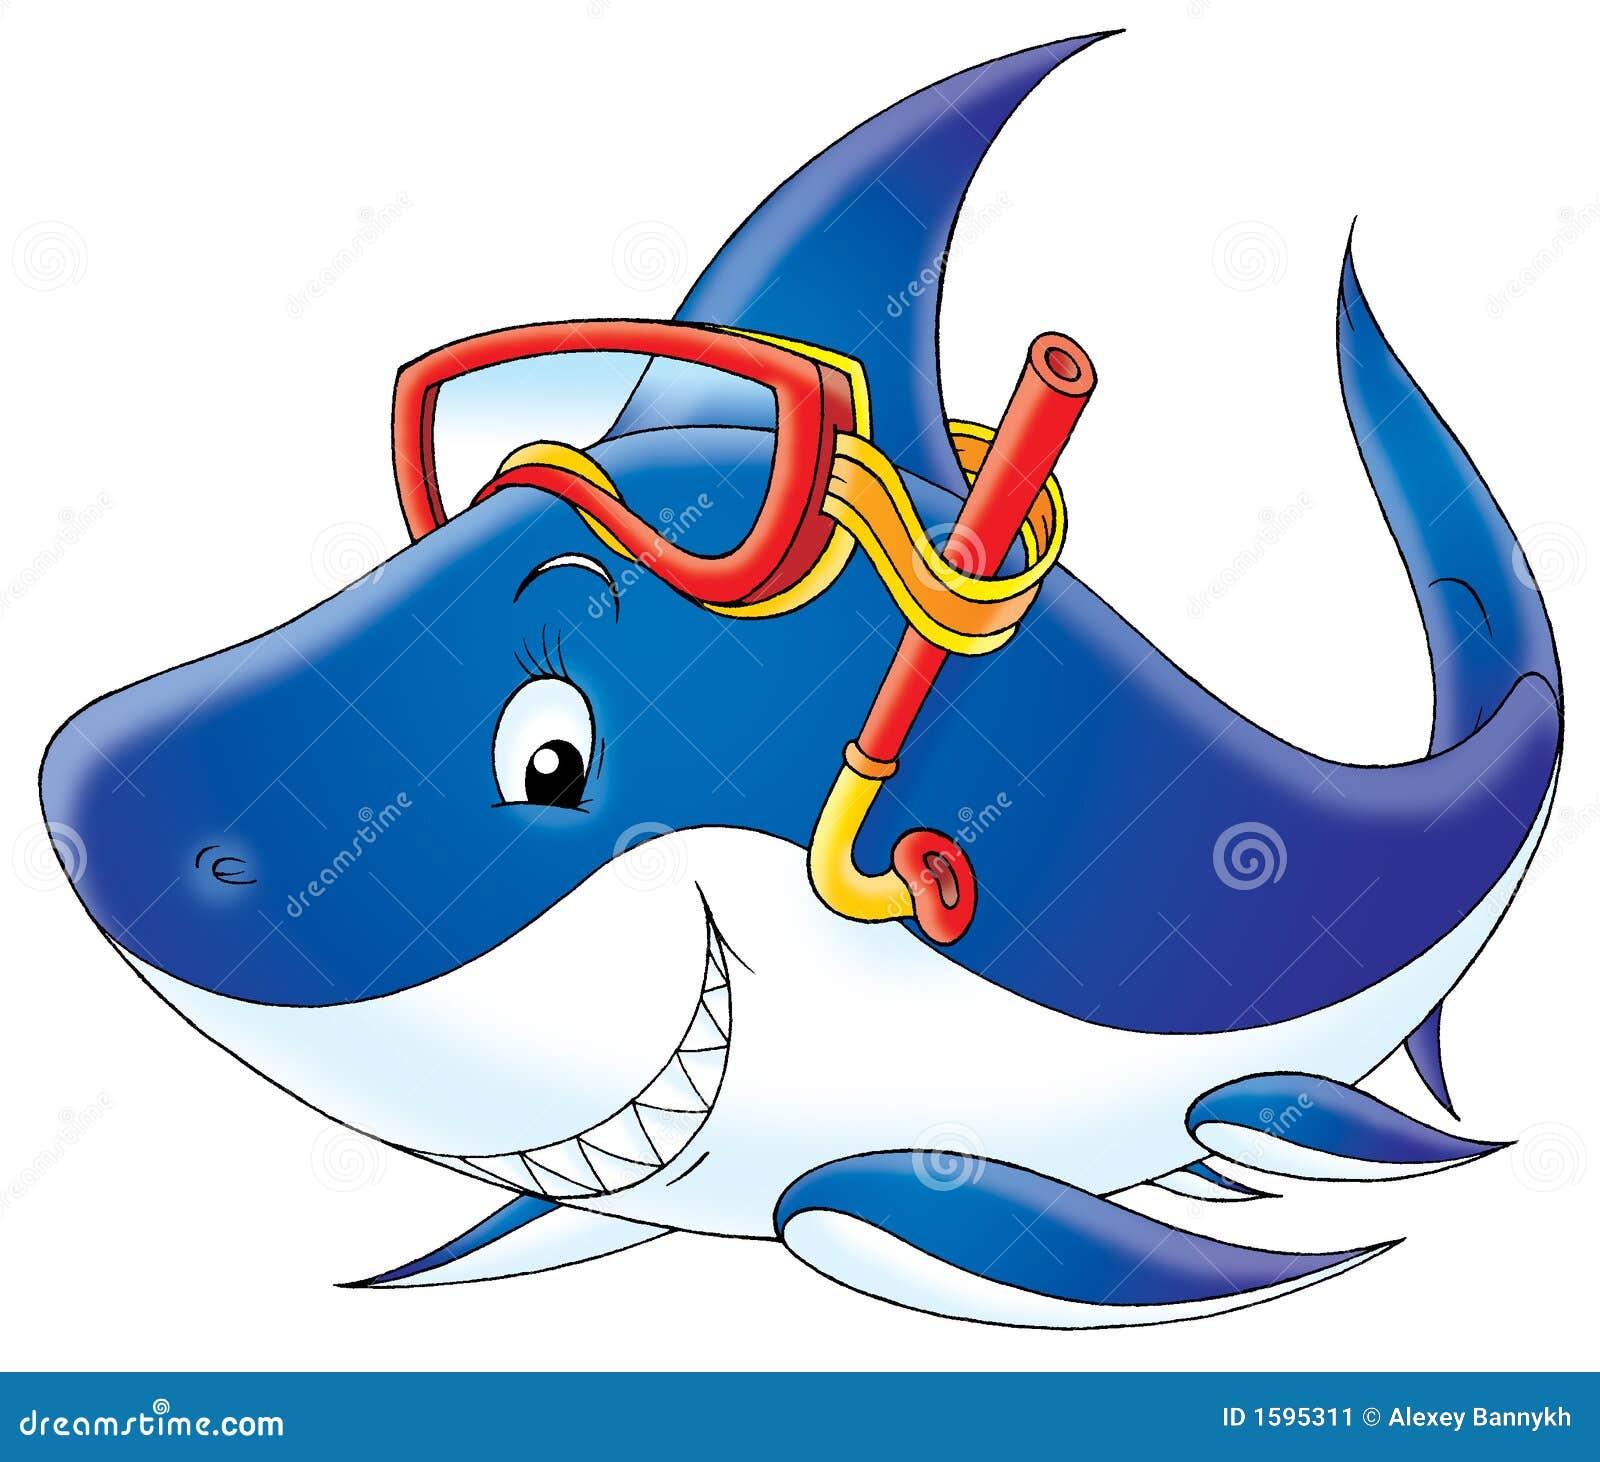 Haifischtaucher stock abbildung. Illustration von fische ...